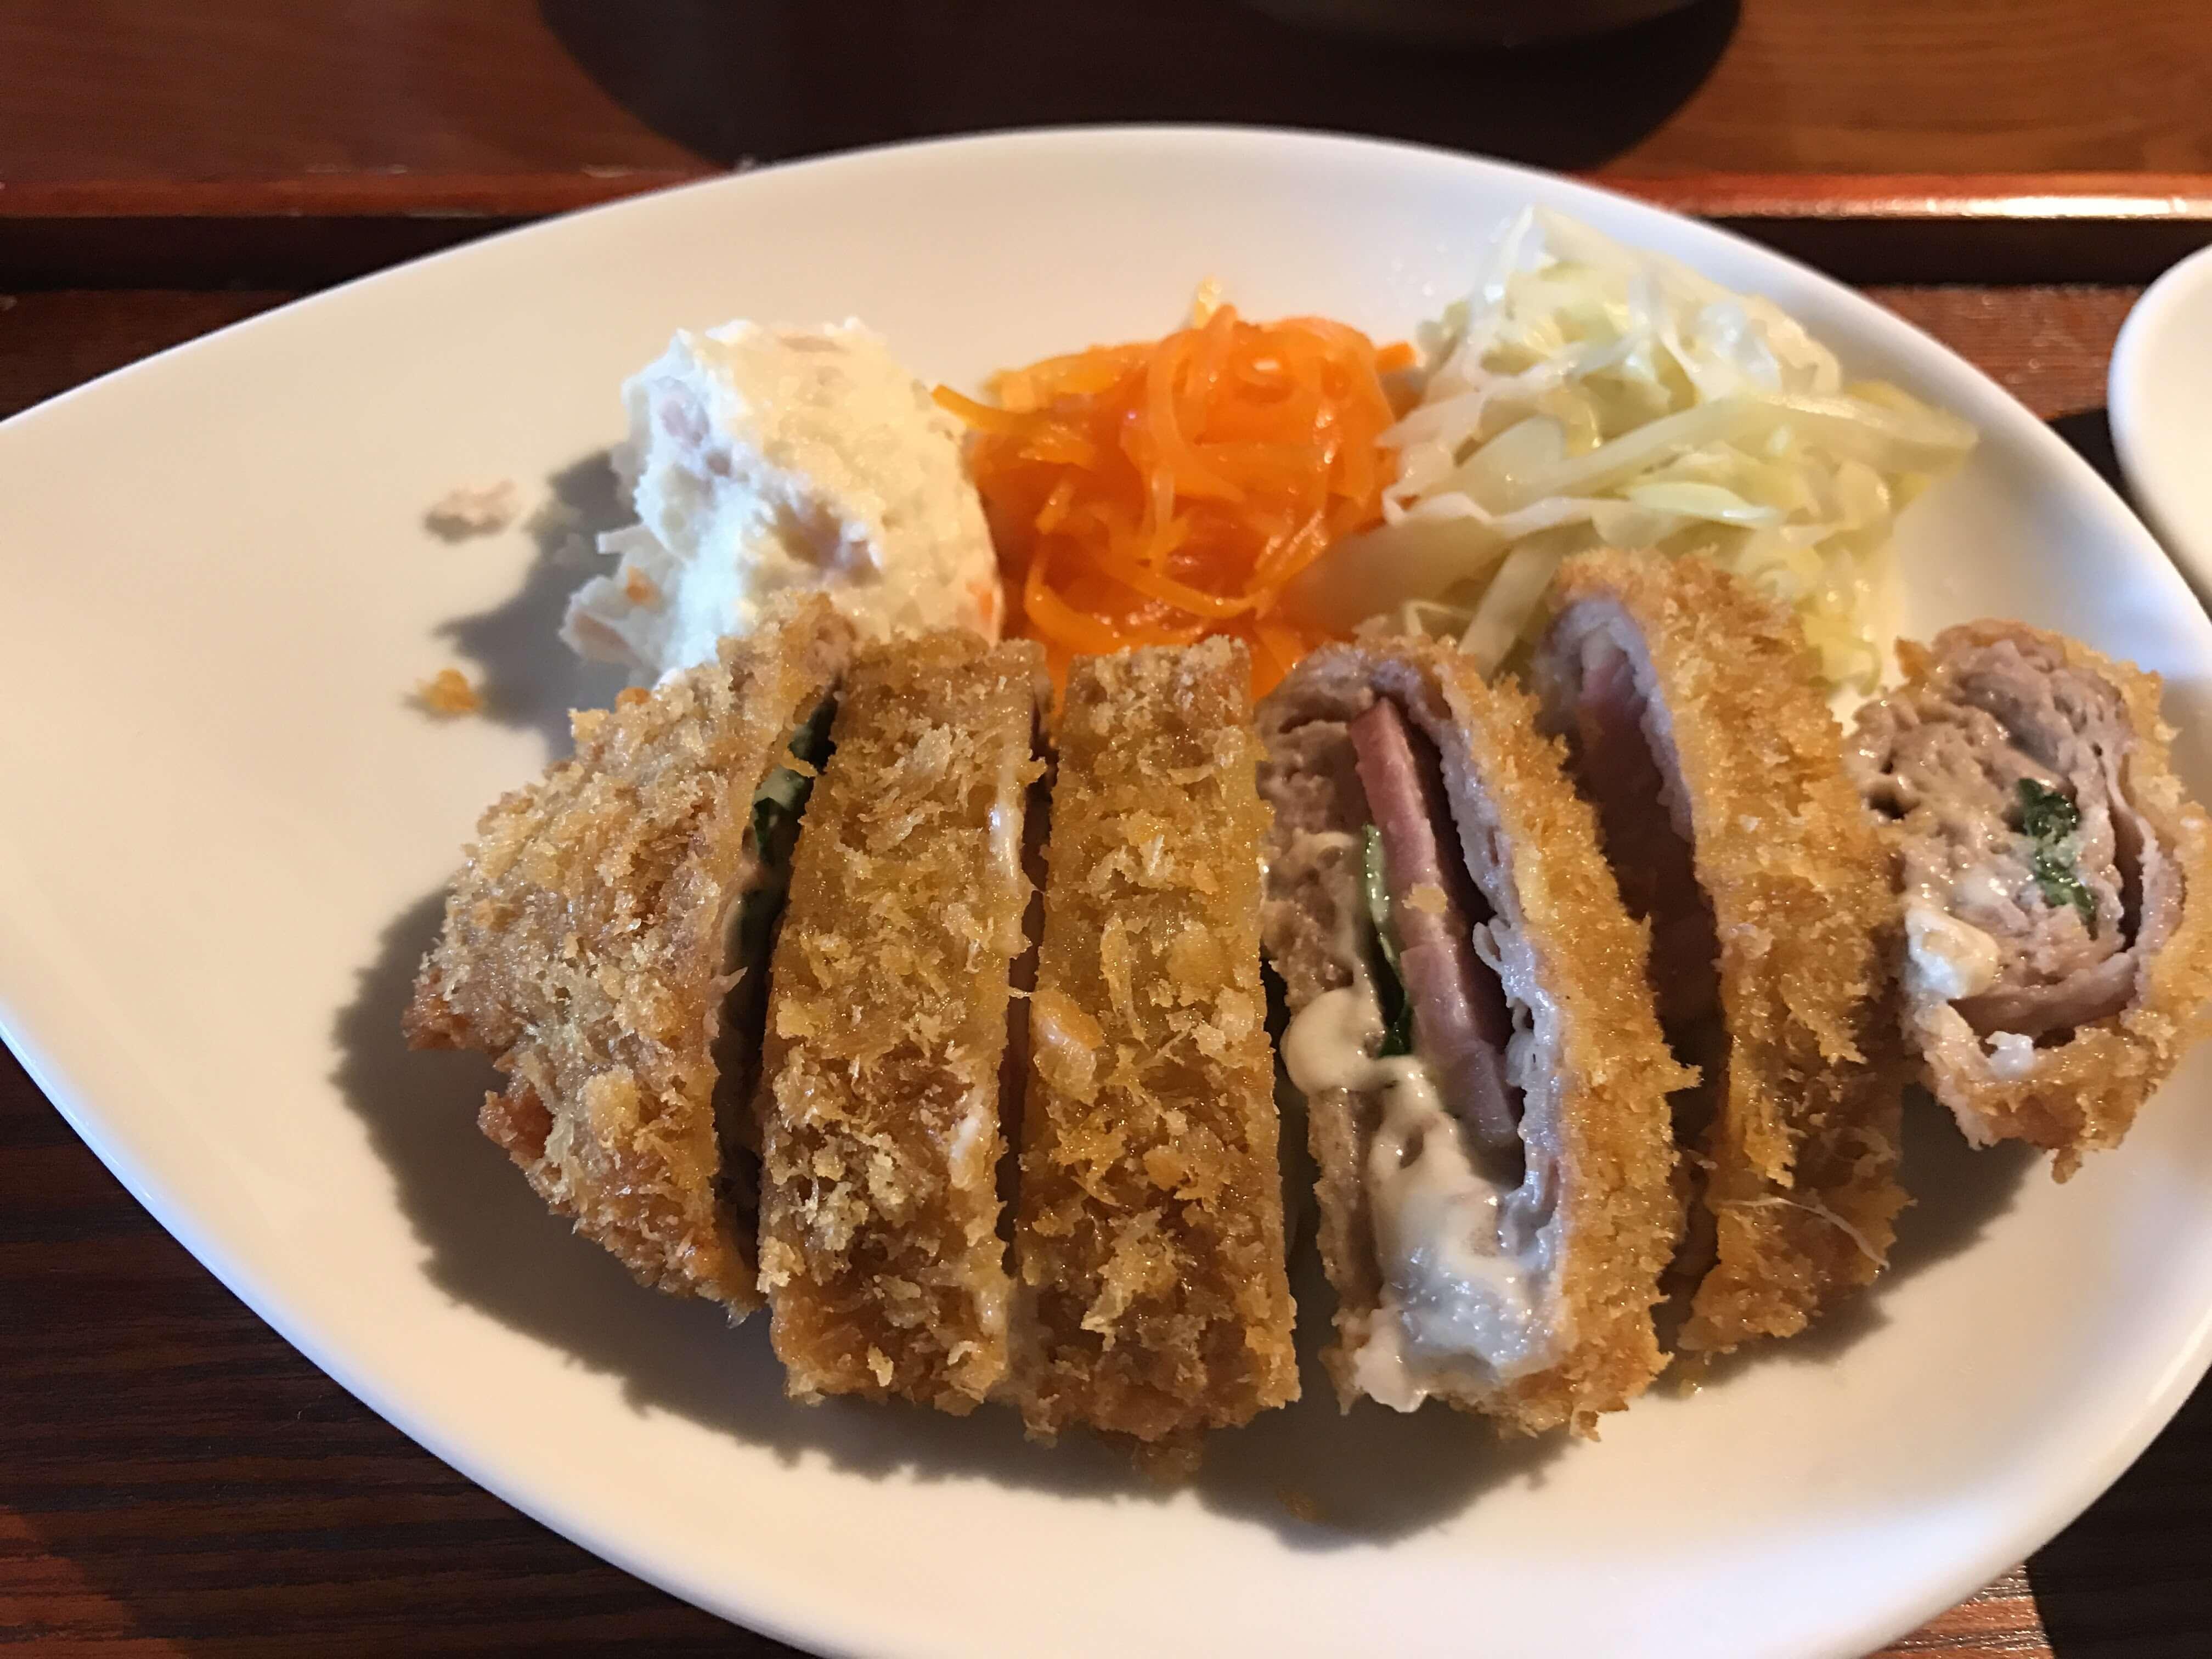 【太一商店(たいいちしょうてん)】ガッツリ系ラーメンならここ。野菜盛りでお腹いっぱい食べれる豚骨醤油のこってりラーメン。